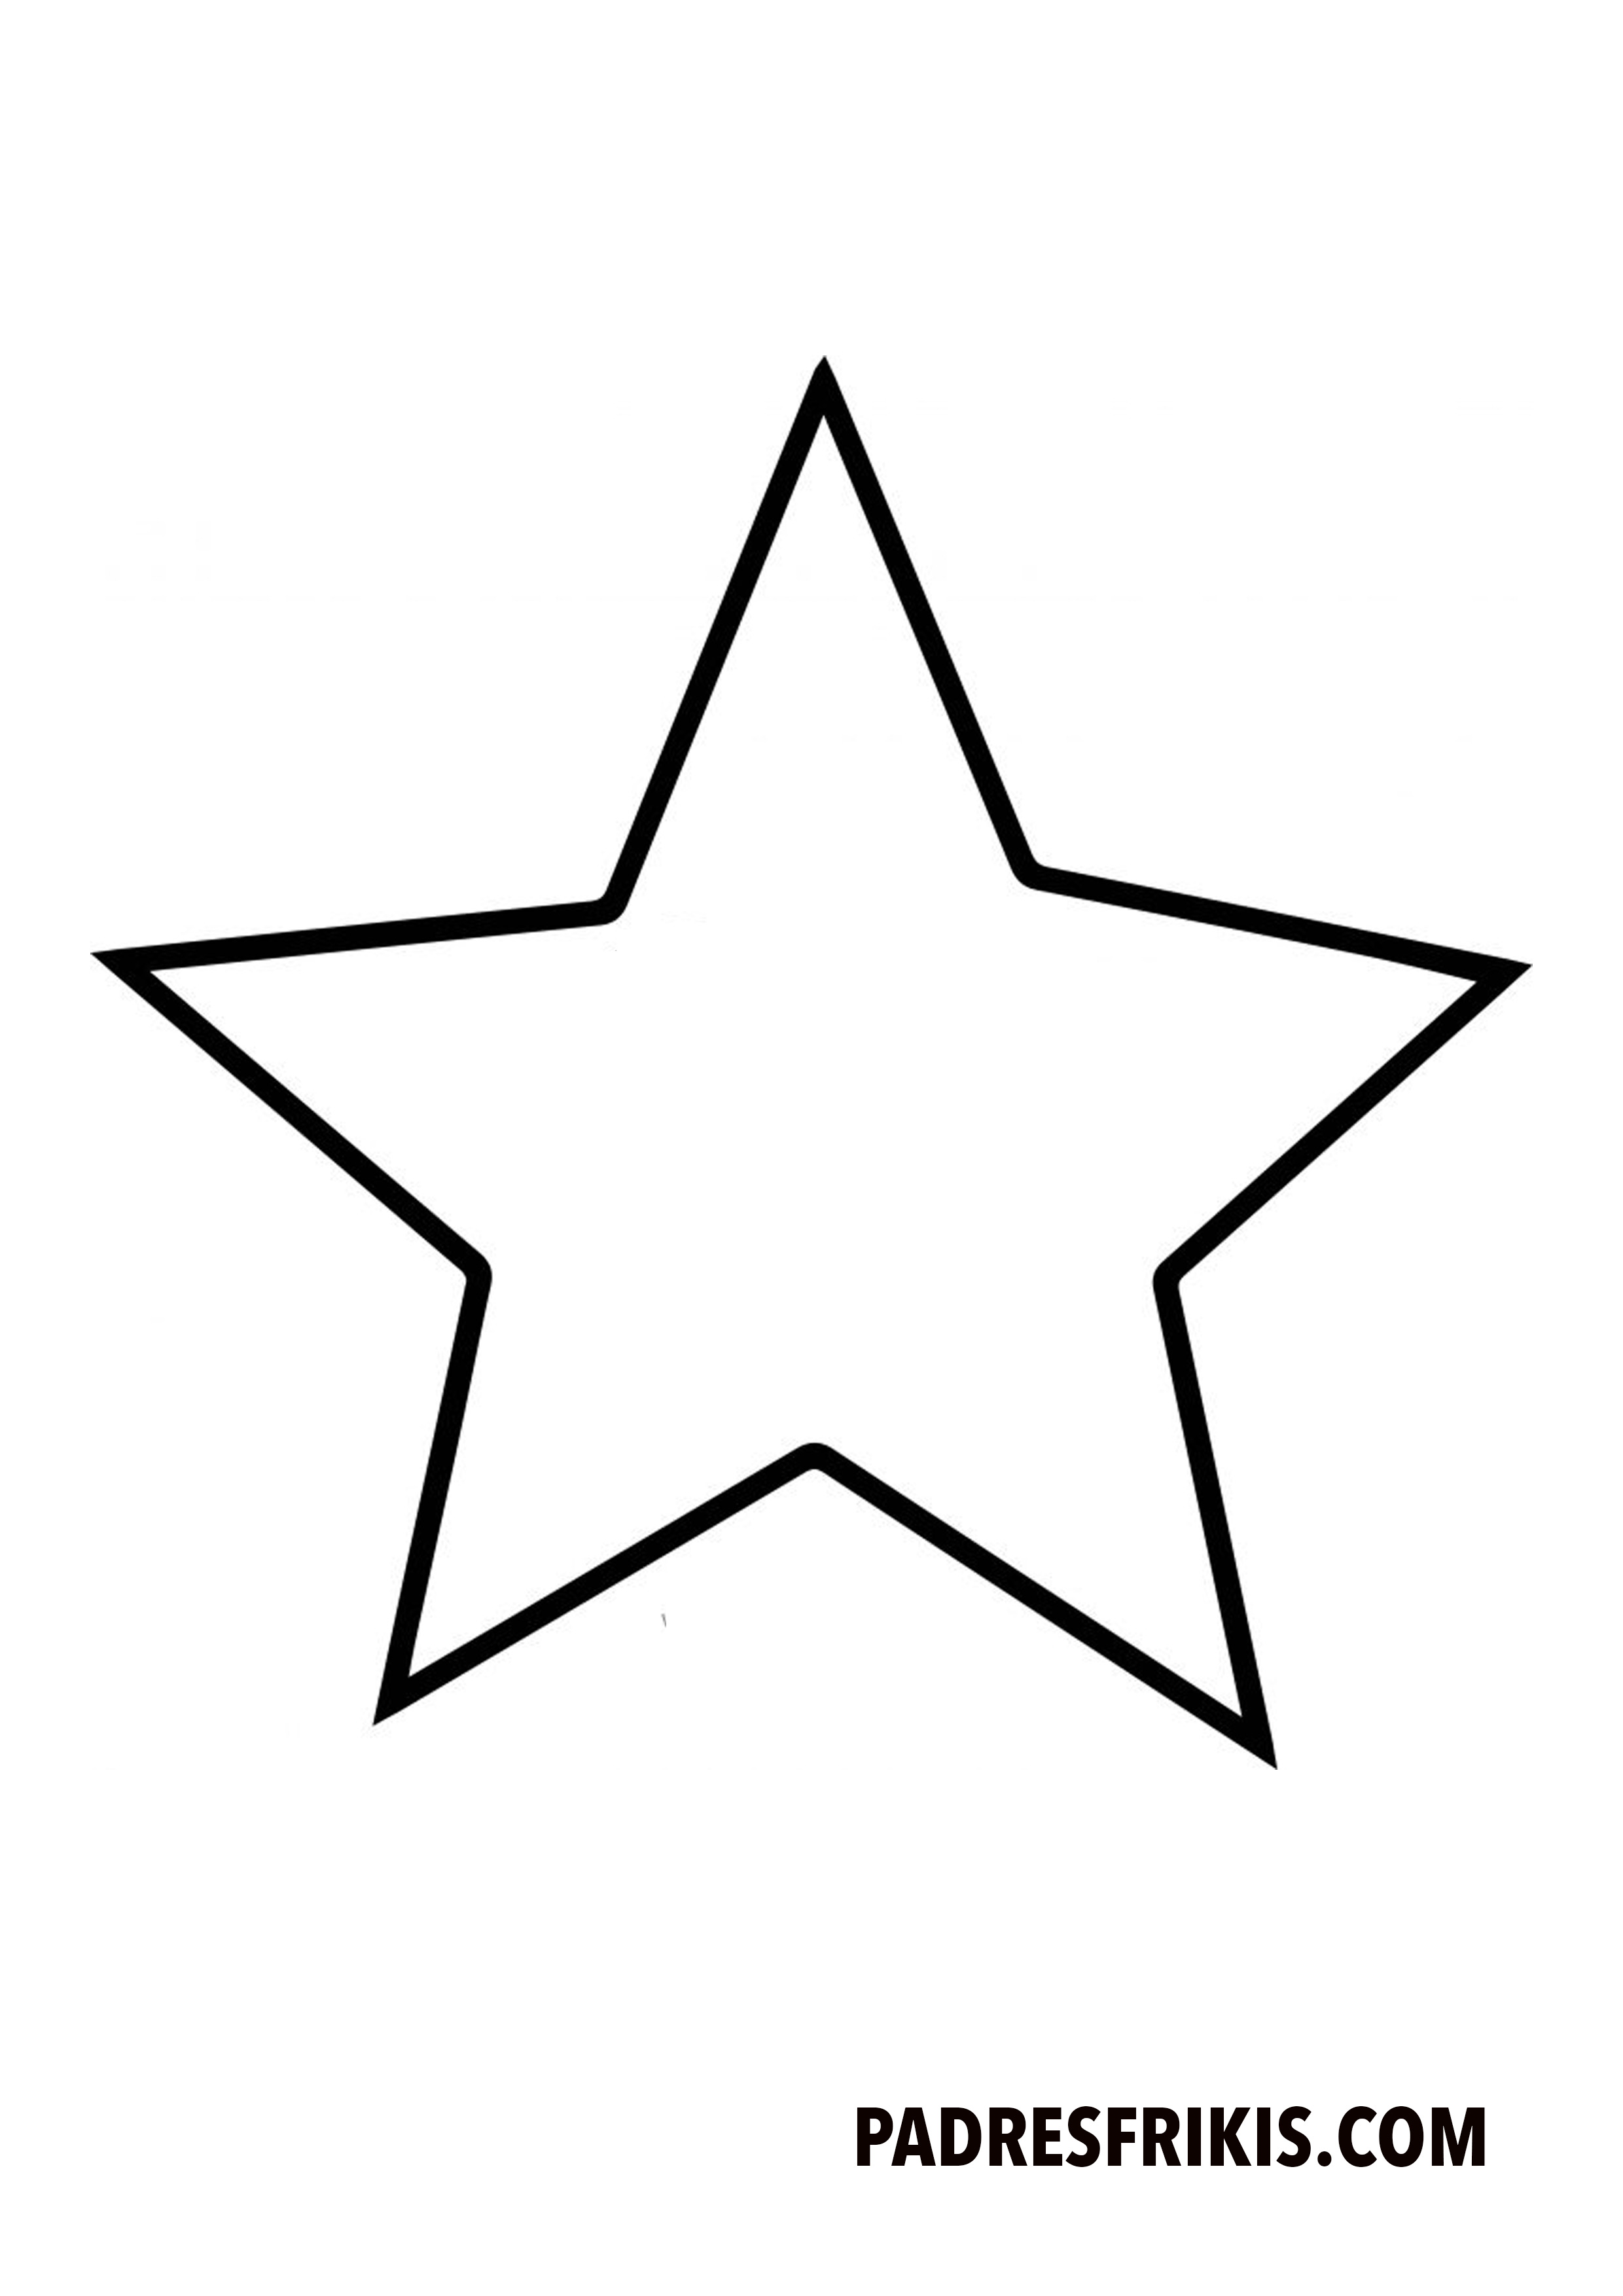 Plantillas De Estrellas Para Colorear E Imprimir Padres Frikis